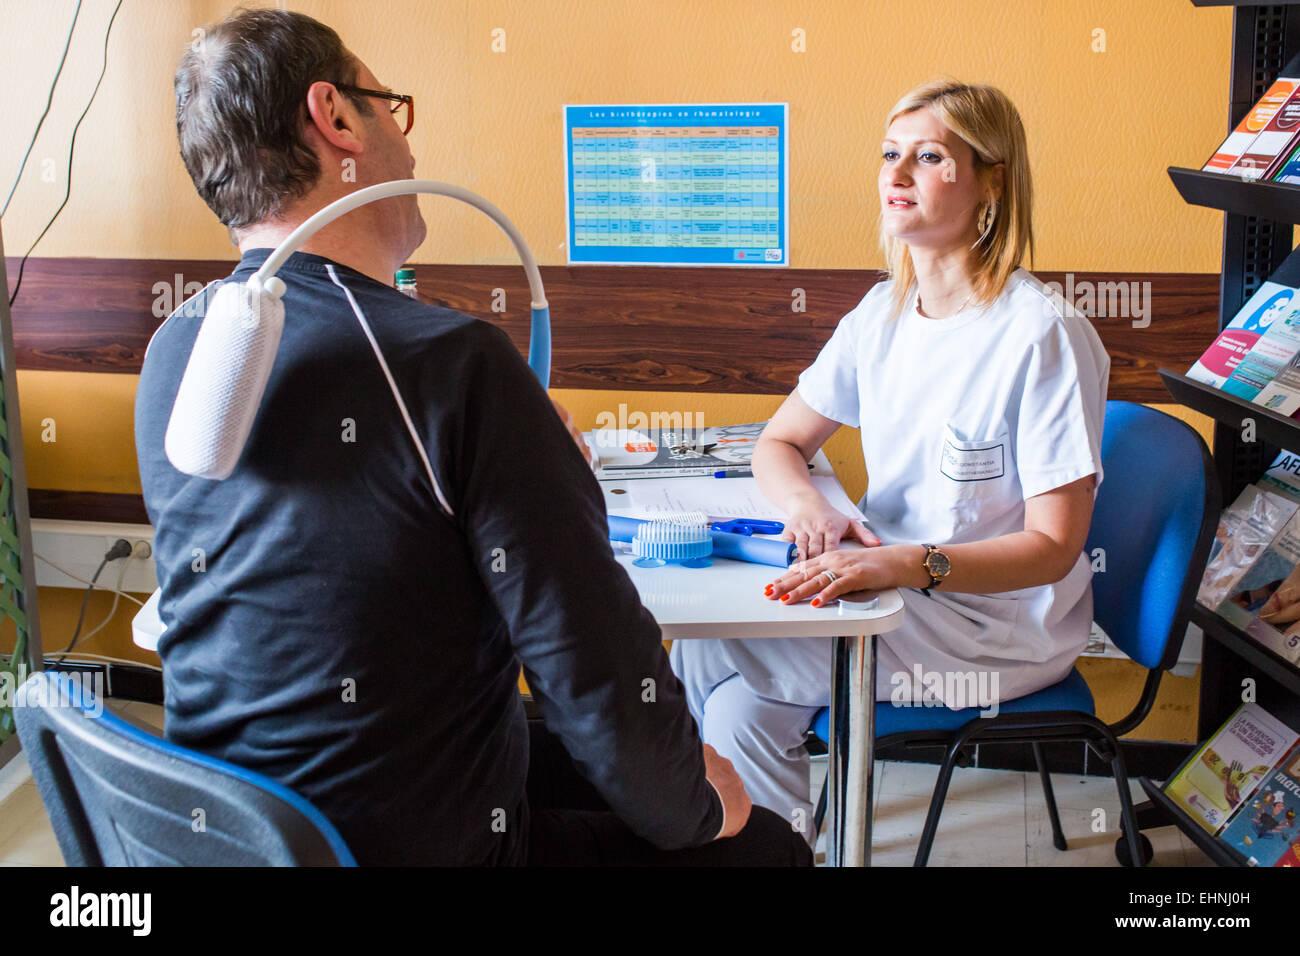 Funktionelle Beurteilung und Beratung zu technischen Hilfsmitteln durch eine Ergotherapeutin mit einem Patienten Stockbild